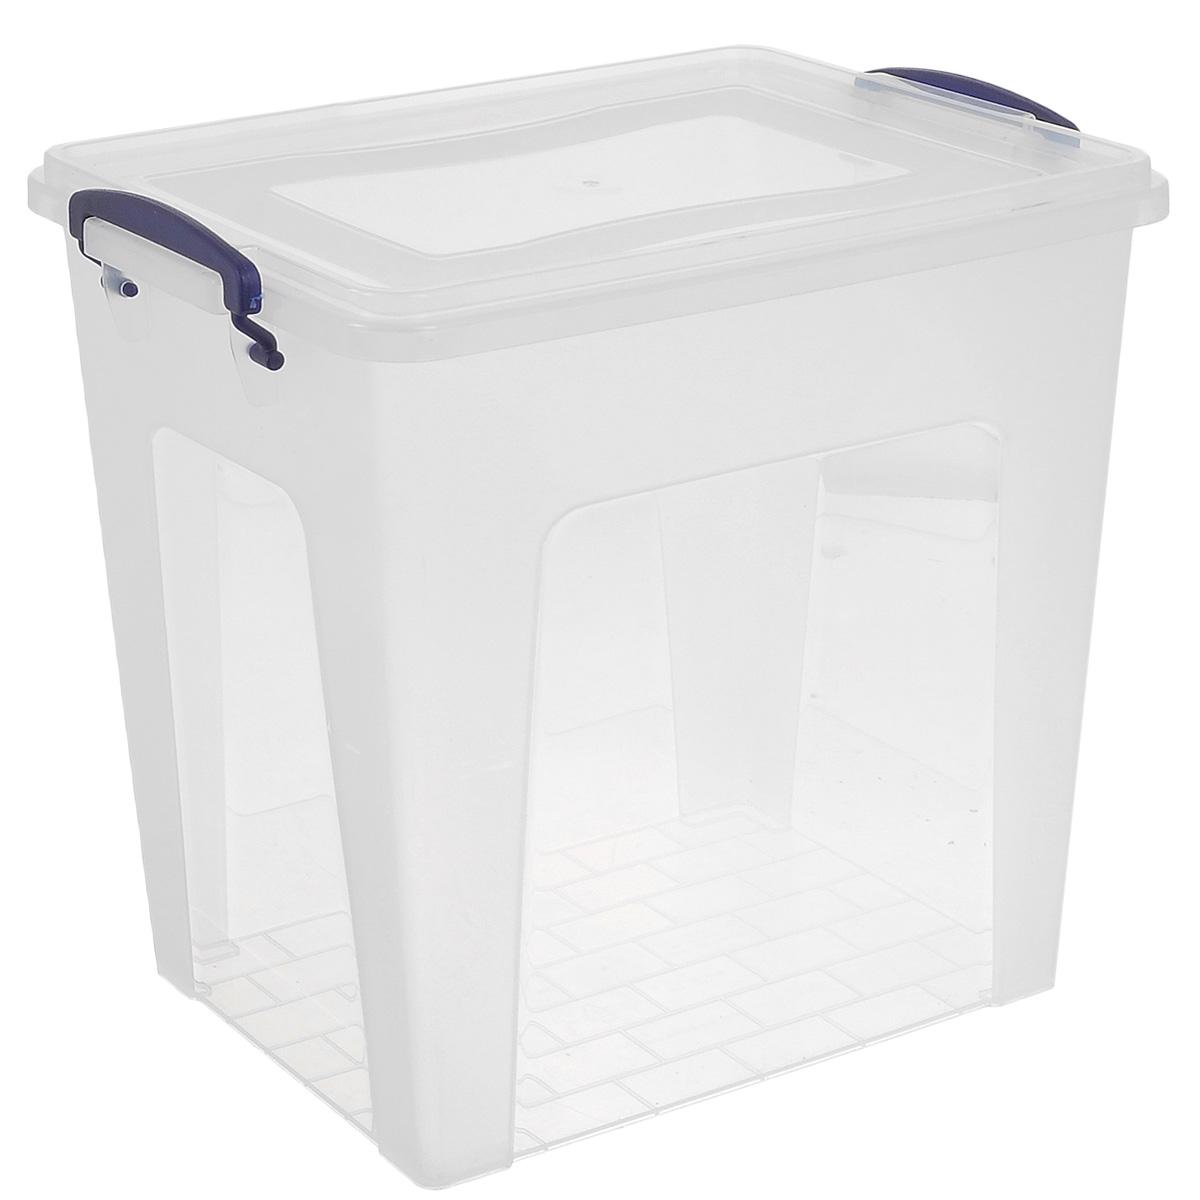 Контейнер Dunya Plastik Depo, цвет: прозрачный, синий, 11,5 л30173Контейнер Dunya Plastik Depo выполнен из прочного пластика. Он предназначен для хранения различных мелких вещей. Крышка легко открывается и плотно закрывается. Прозрачные стенки позволяют видеть содержимое. По бокам предусмотрены две удобные ручки, с помощью которых контейнер закрывается. Контейнер поможет хранить все в одном месте, а также защитить вещи от пыли, грязи и влаги. Размер контейнера (с учетом крышки): 30 см х 20 см. Высота (с учетом крышки): 27,5 см. Объем: 11,5 л.